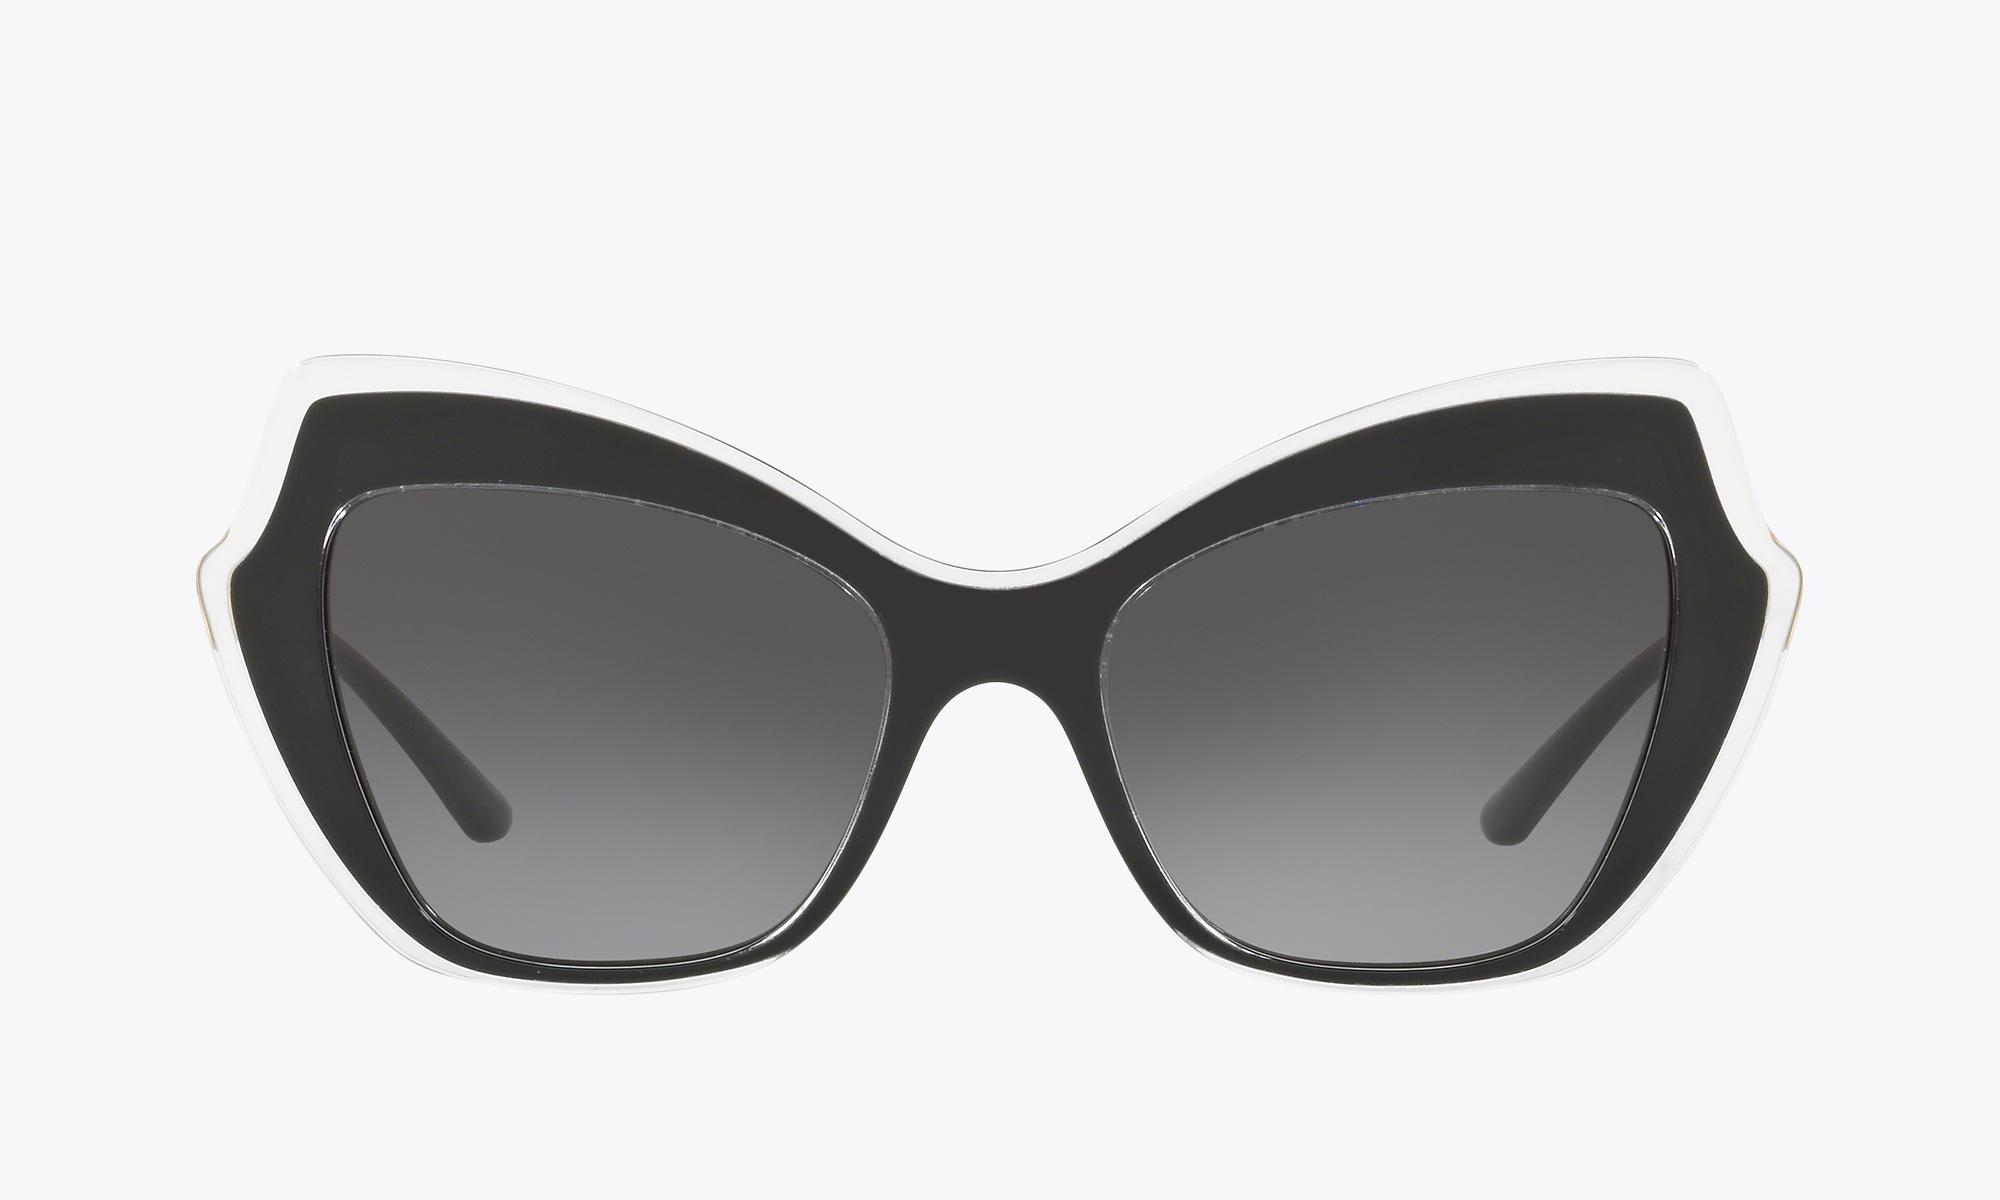 Image of Dolce & Gabbana DG4361 color Black